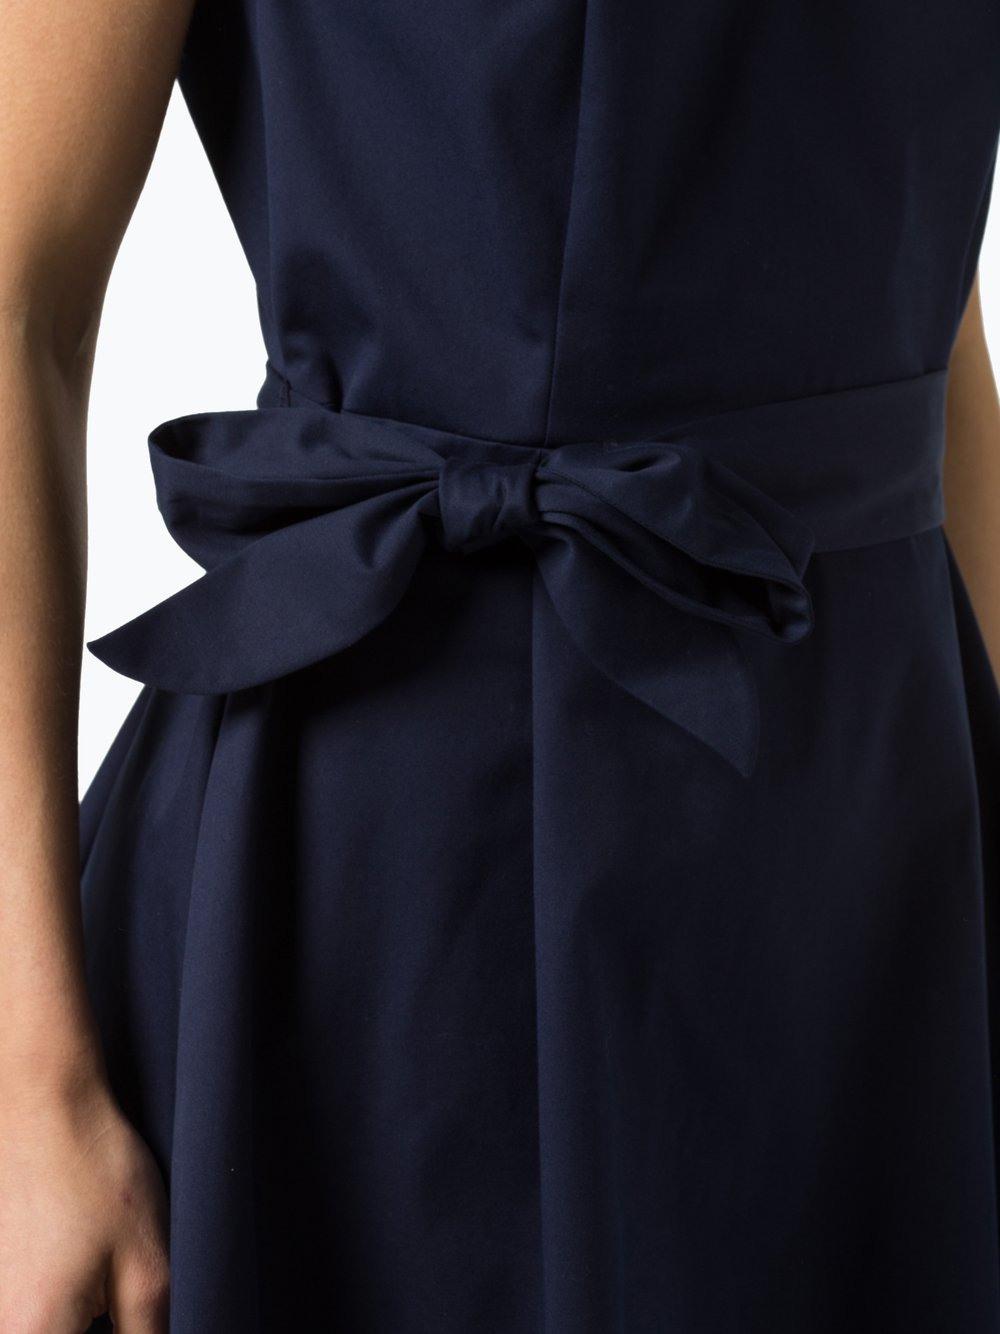 10 Schön Boss Abendkleid VertriebAbend Elegant Boss Abendkleid Boutique